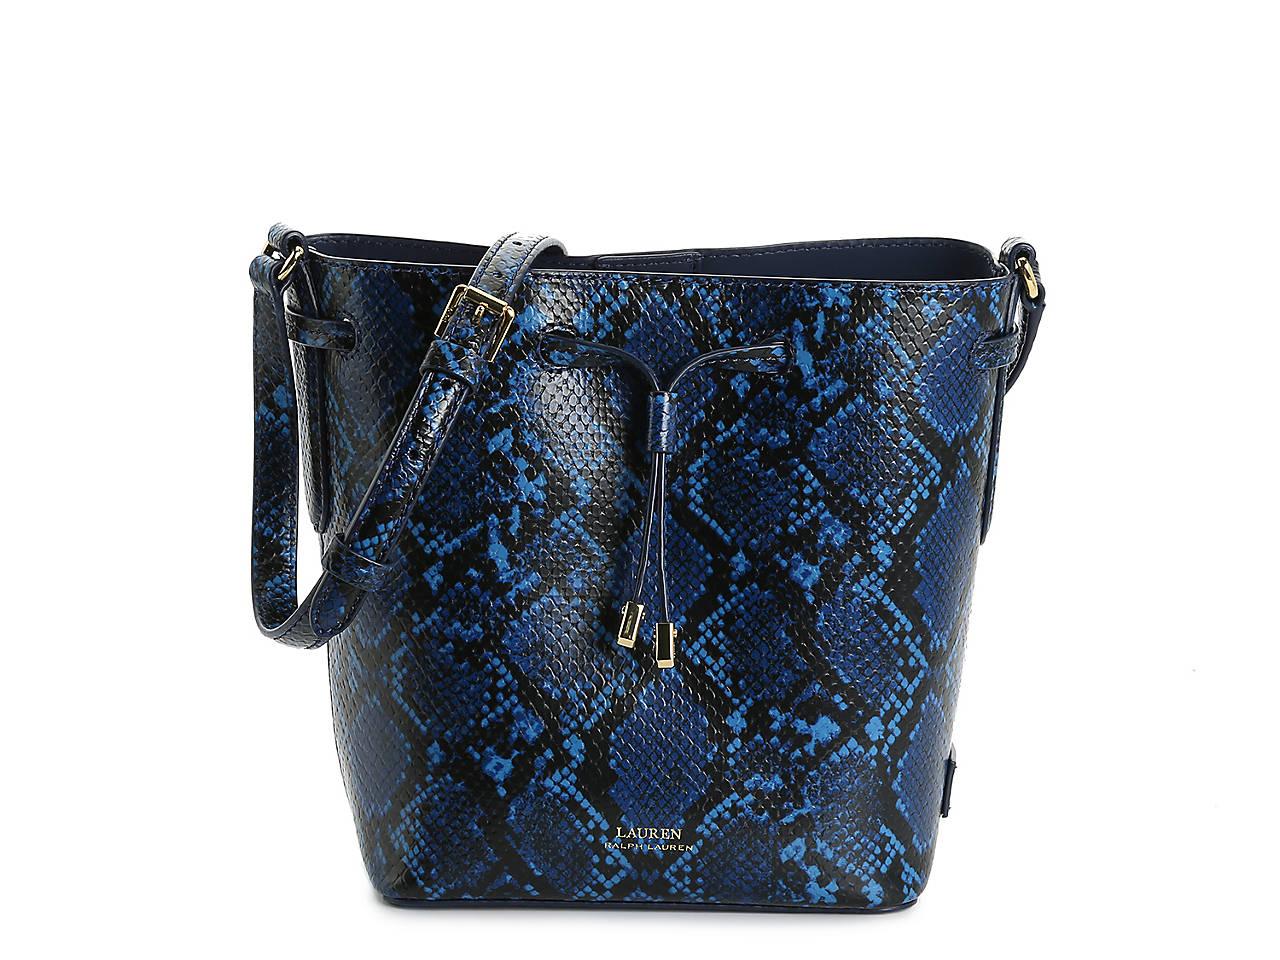 9c8d858f8292 Lauren Ralph Lauren Dryden Derby II Leather Crossbody Bag Women s ...